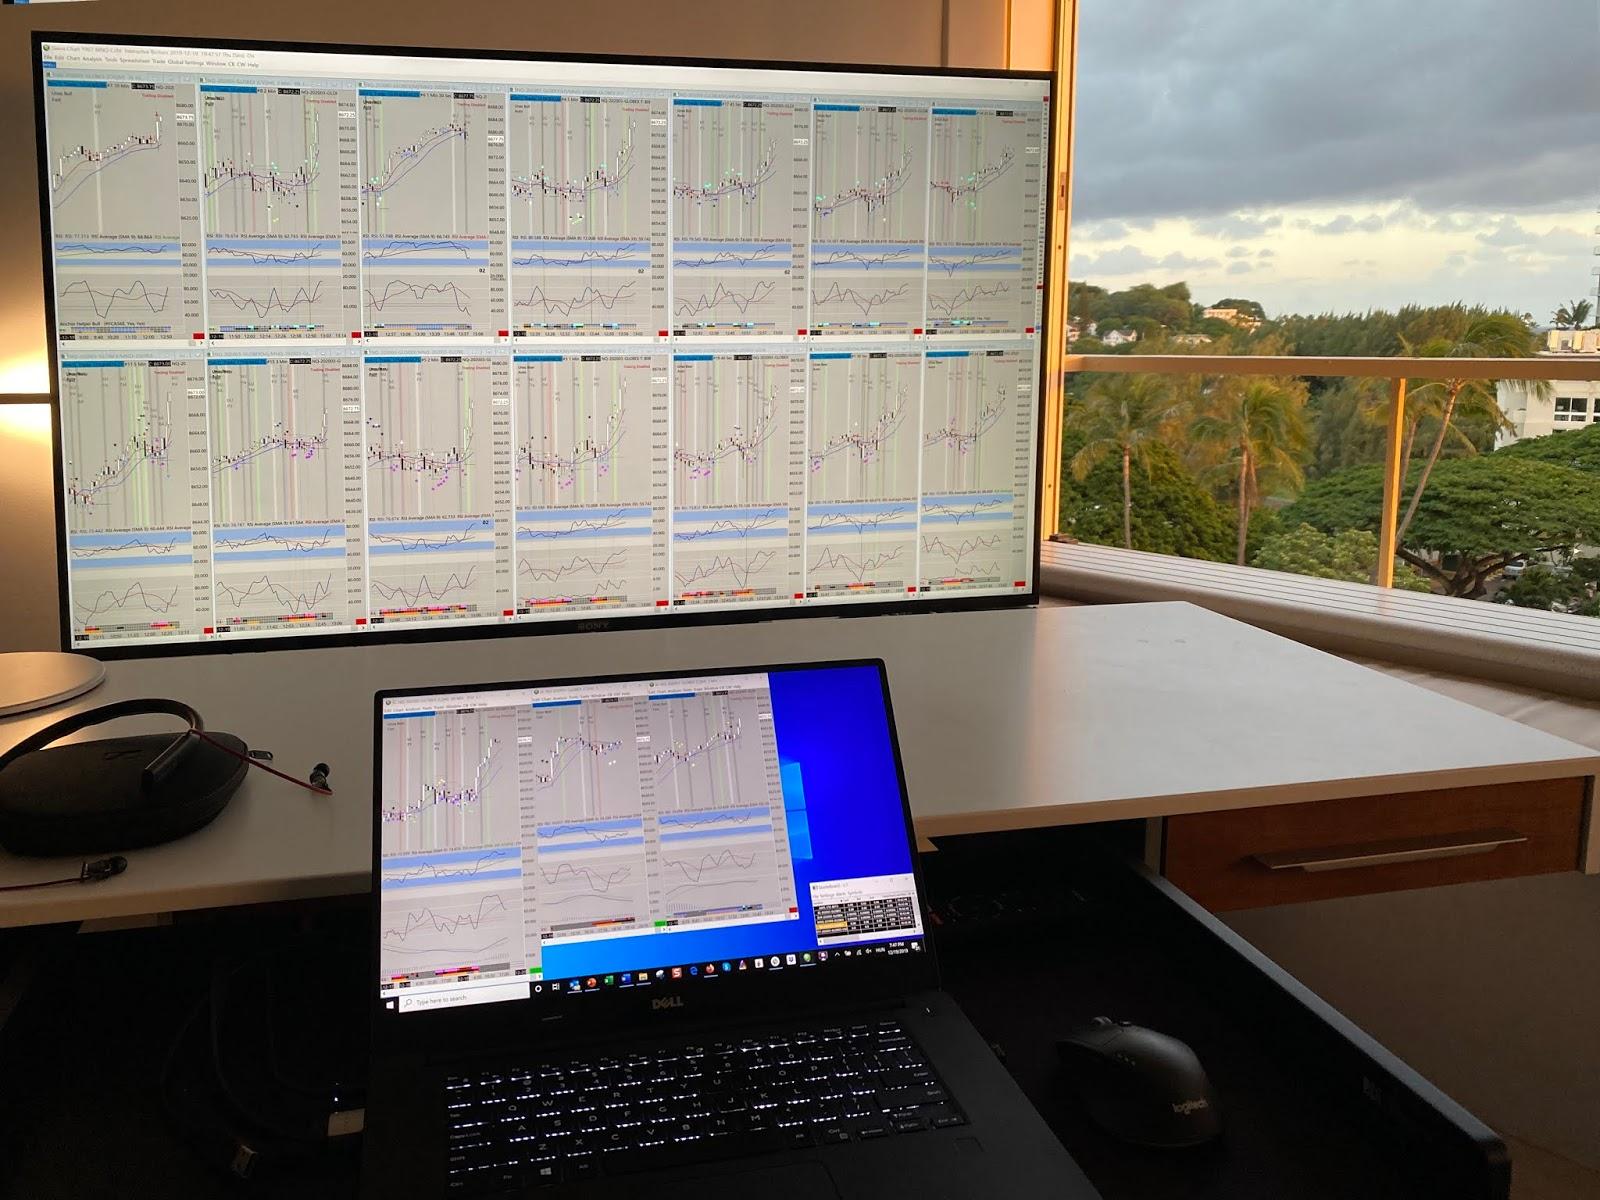 Elliott és a többiek: A kereskedés technológia eszközei - Monitor